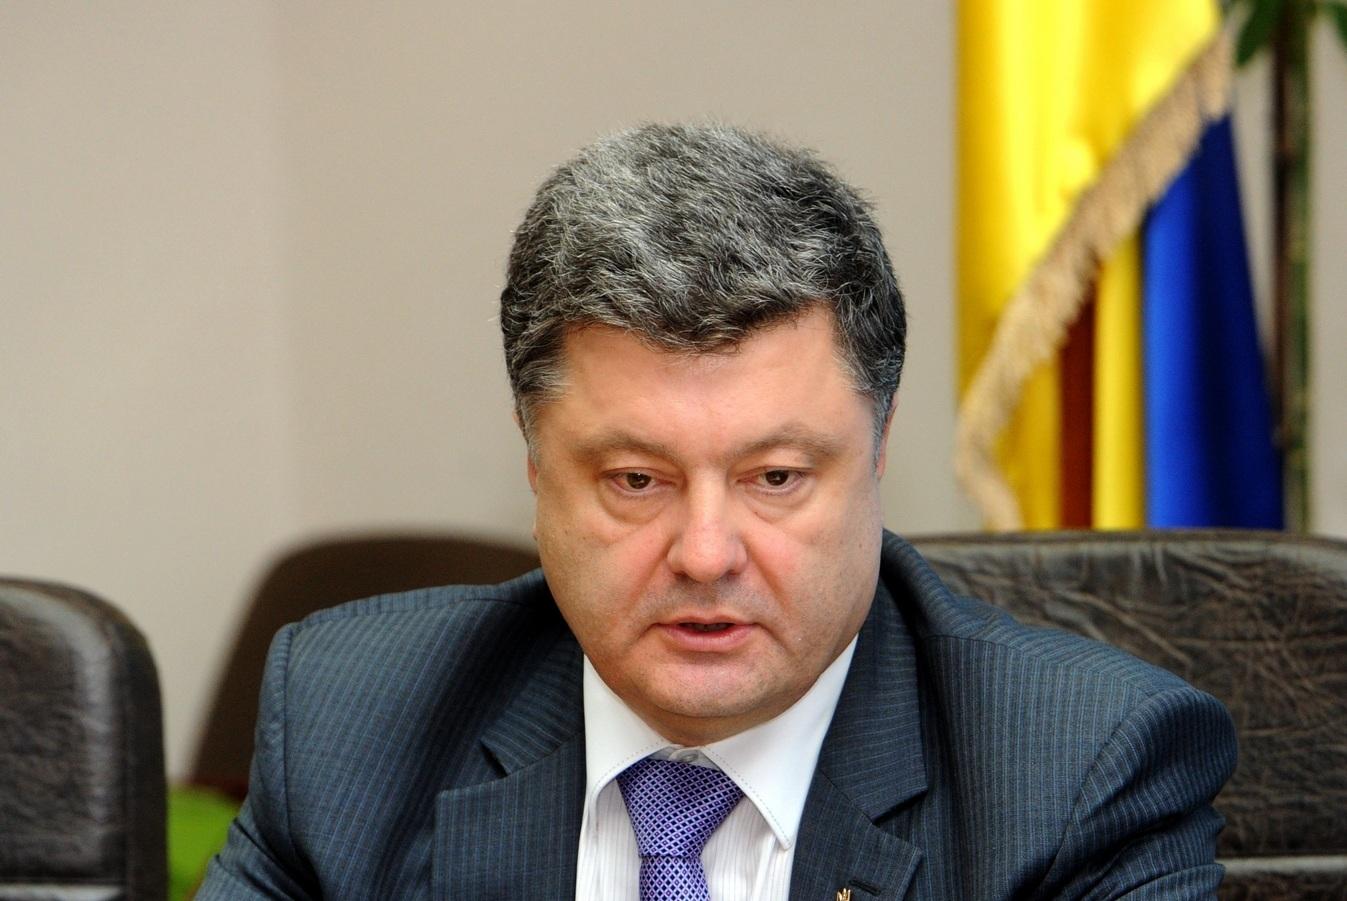 Глава Погранслужбы сегодня будет отправлен в отставку – Порошенко